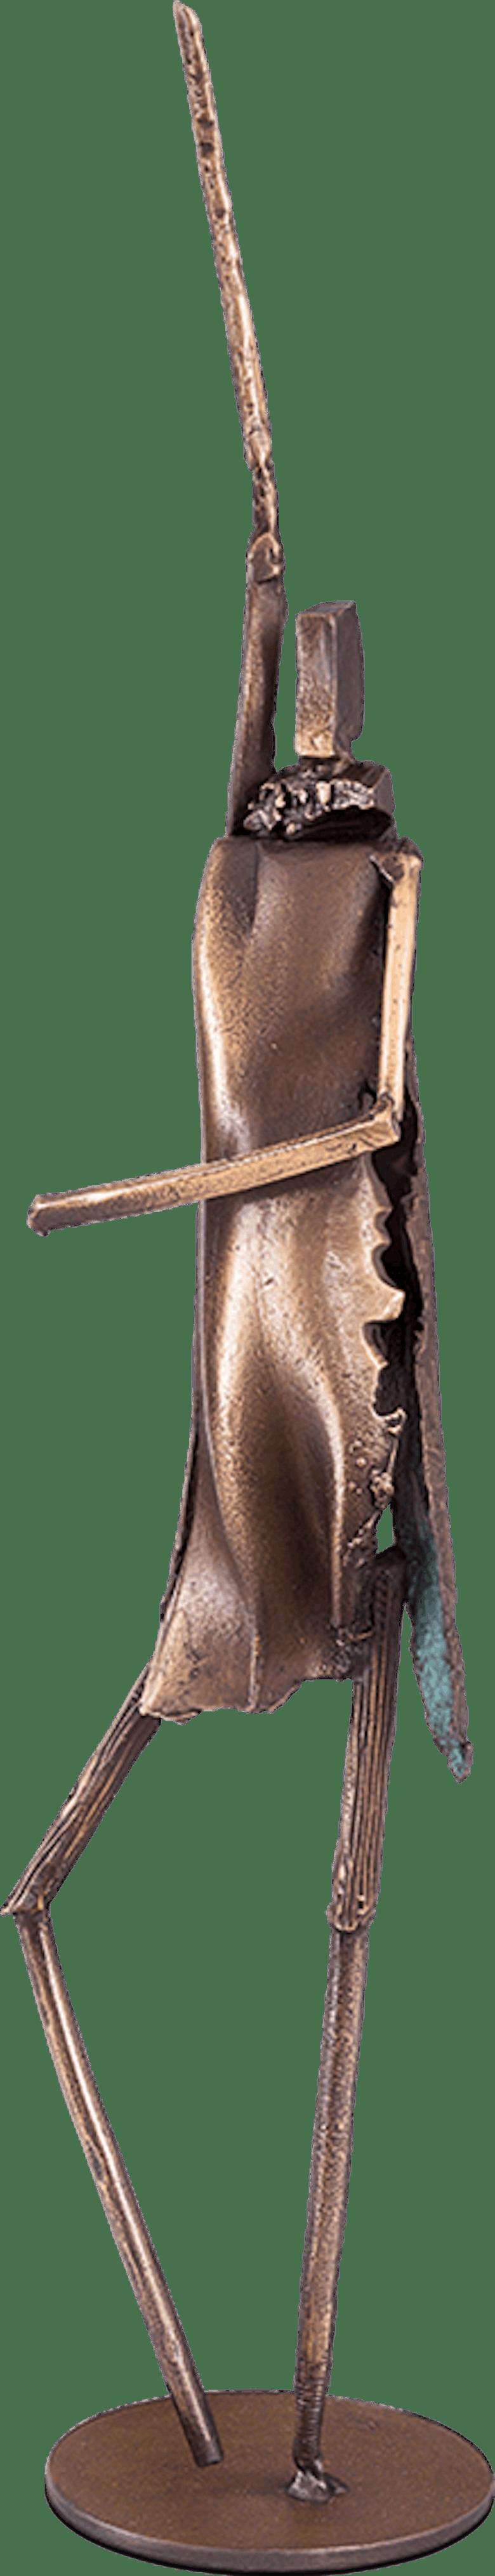 Bronzefigur Melampous von Ulrich Barnickel